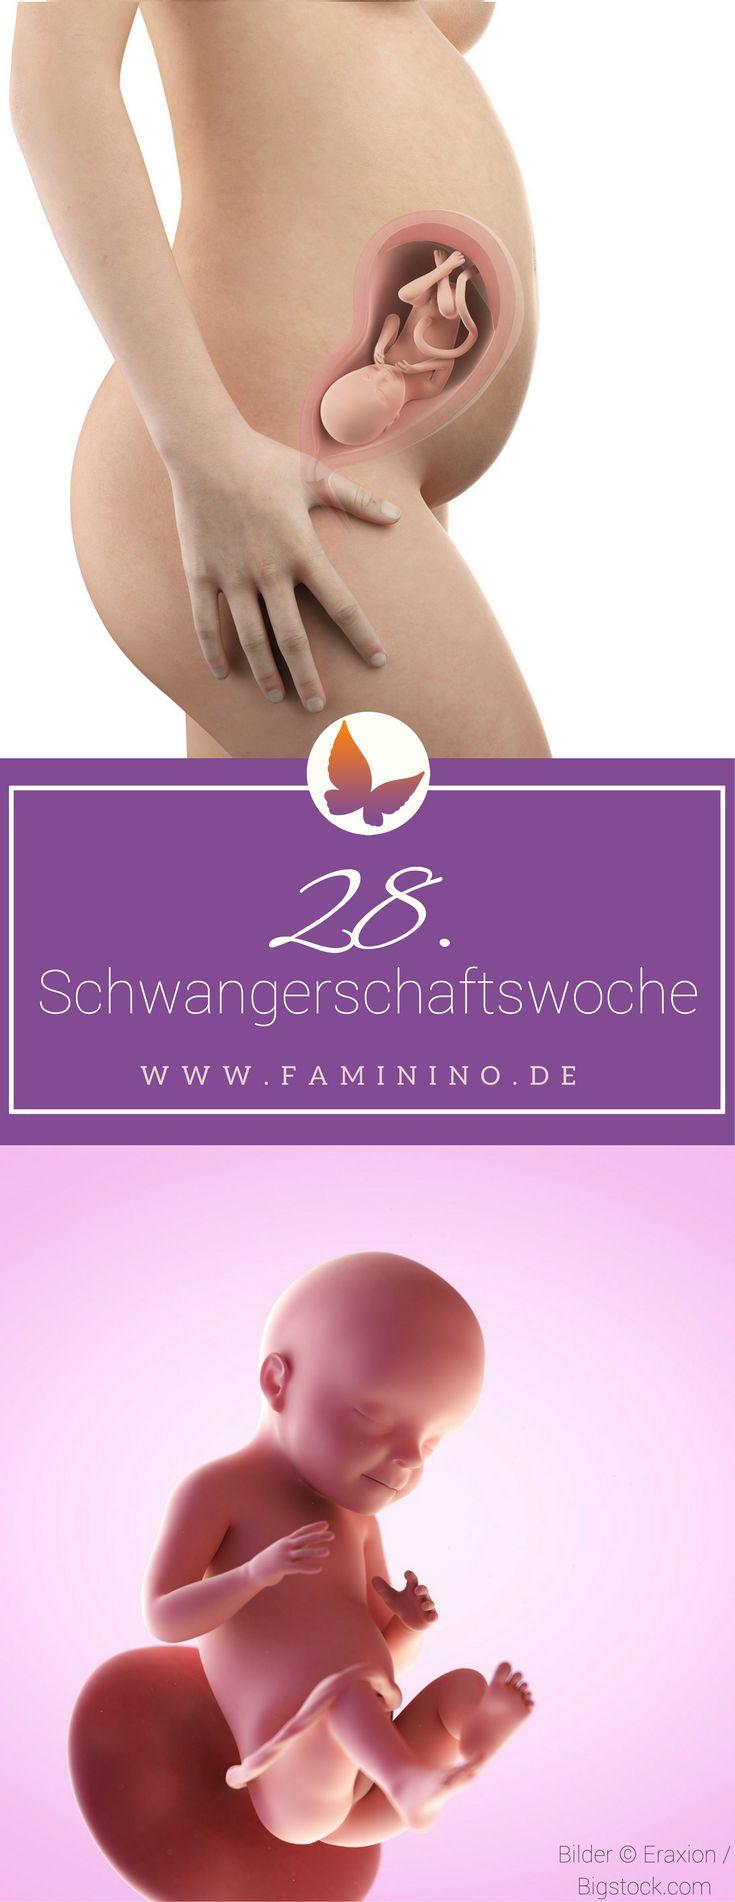 28. SSW (Schwangerschaftswoche): Dein Baby, dein Körper, Beschwerden und mehr